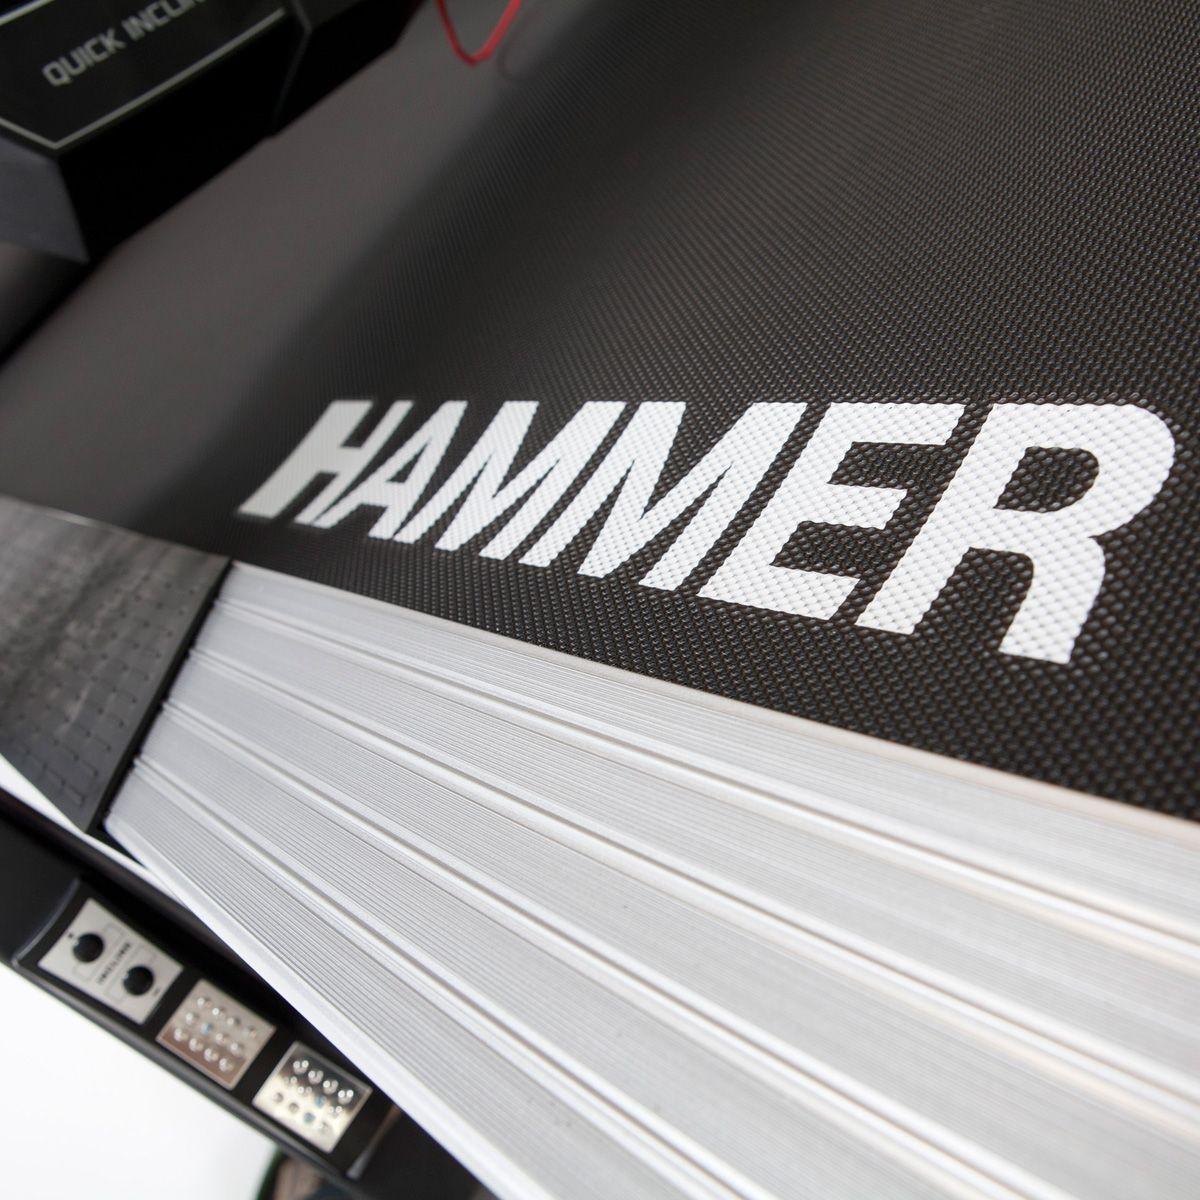 5d4d871c85925_hammer.life.runner.lr16i.odpruzeni